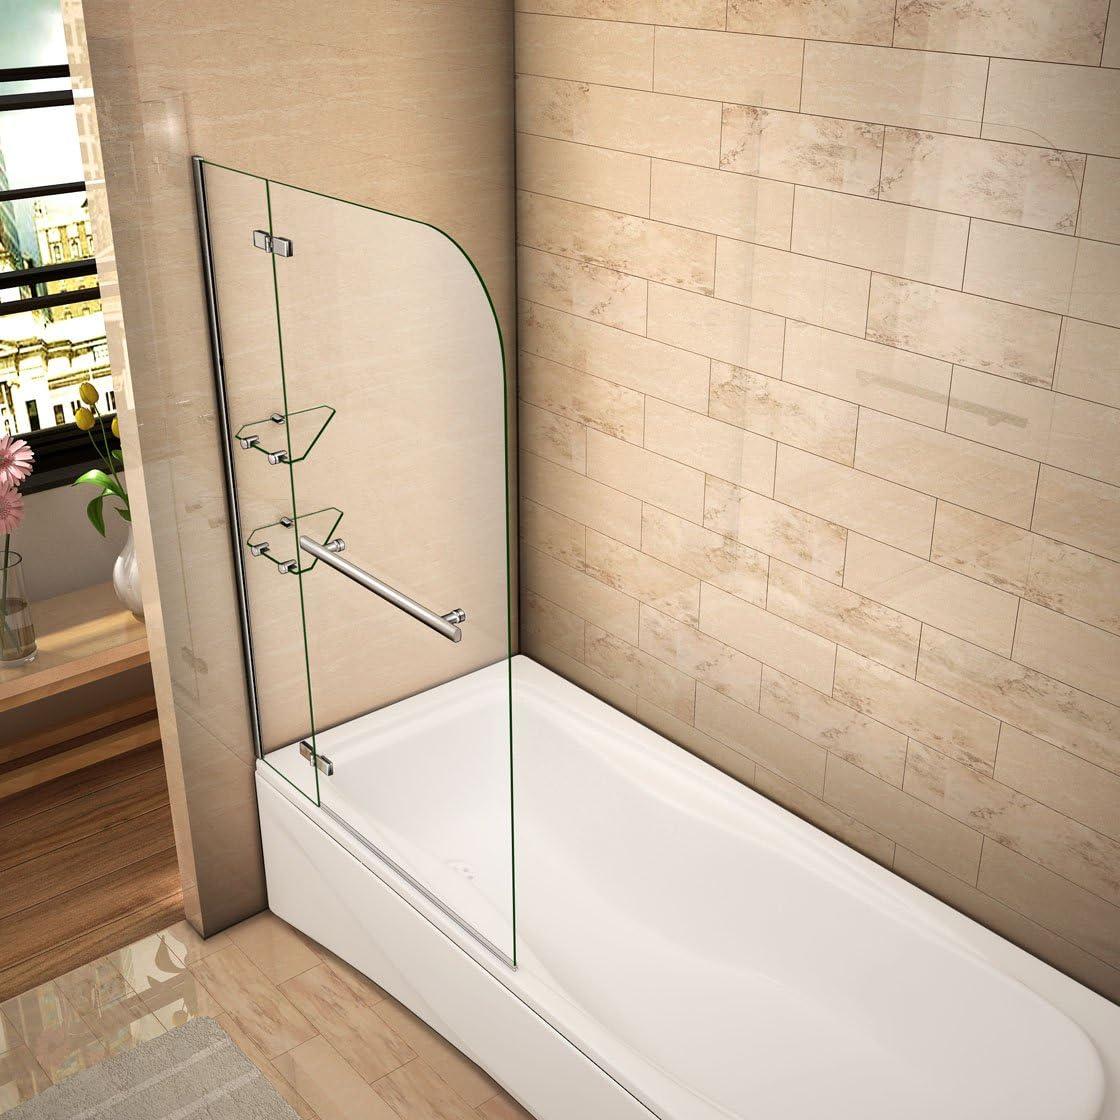 120x140cm Mamparas baño pantalla para bañera de vidrio templado de ...